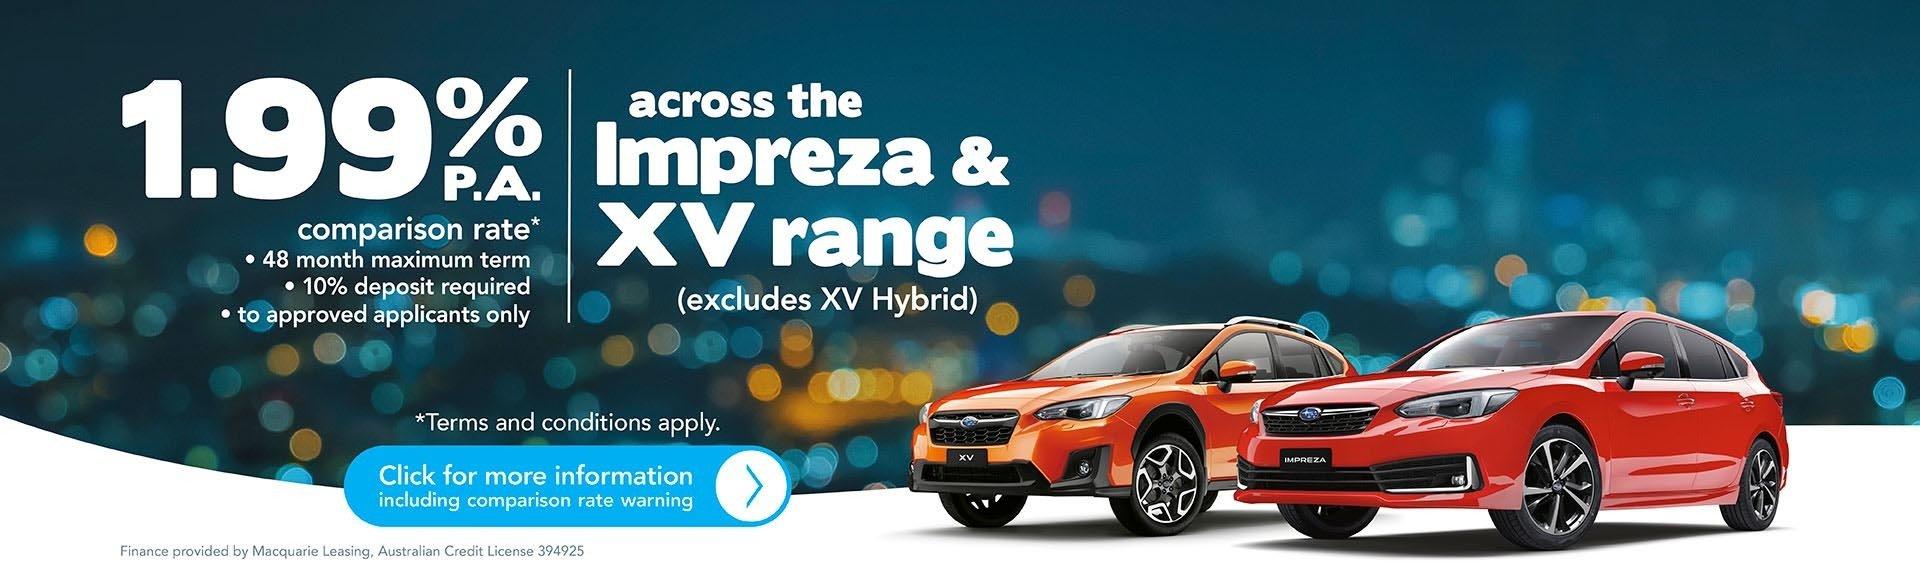 Trivett Subaru Parramatta - Impreza & XV Range Finance Offer